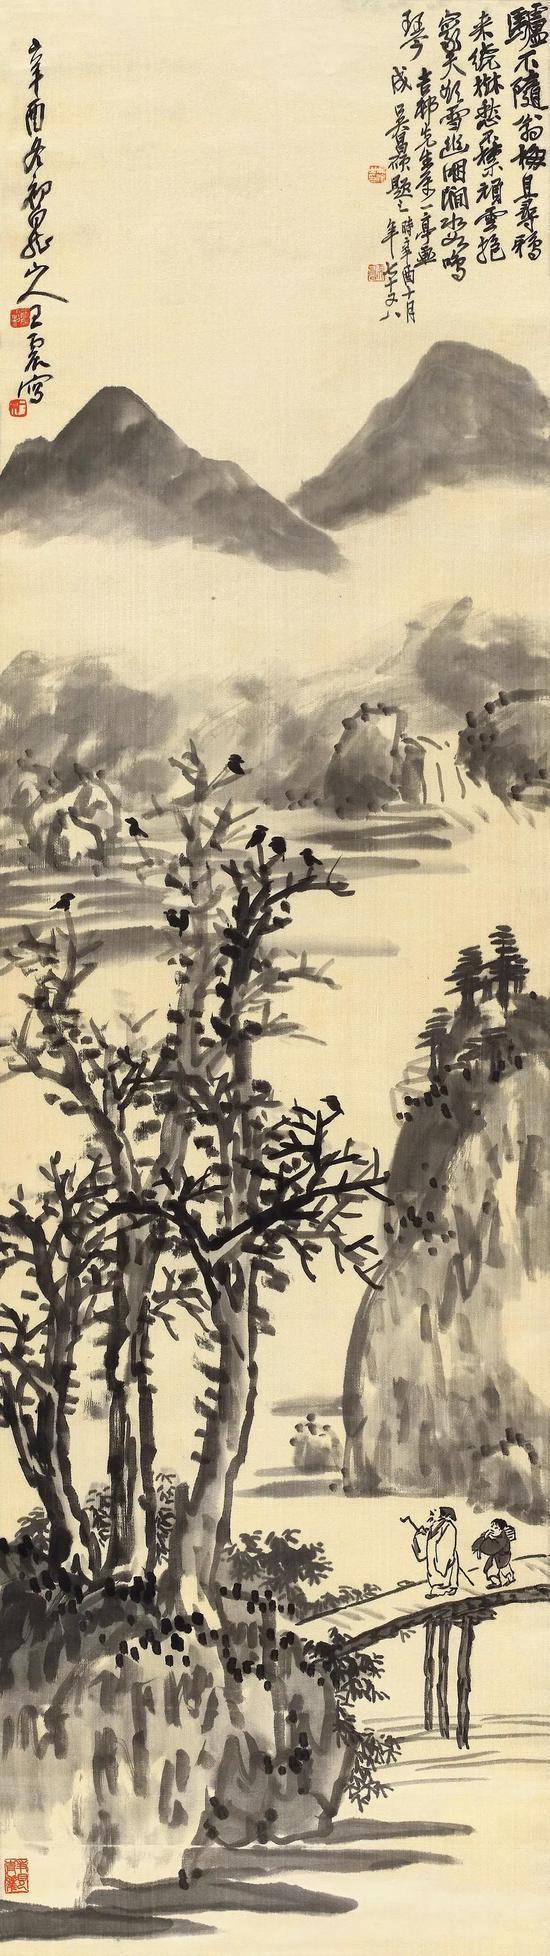 Lot 352 王震(1867-1938)策杖数归鸦